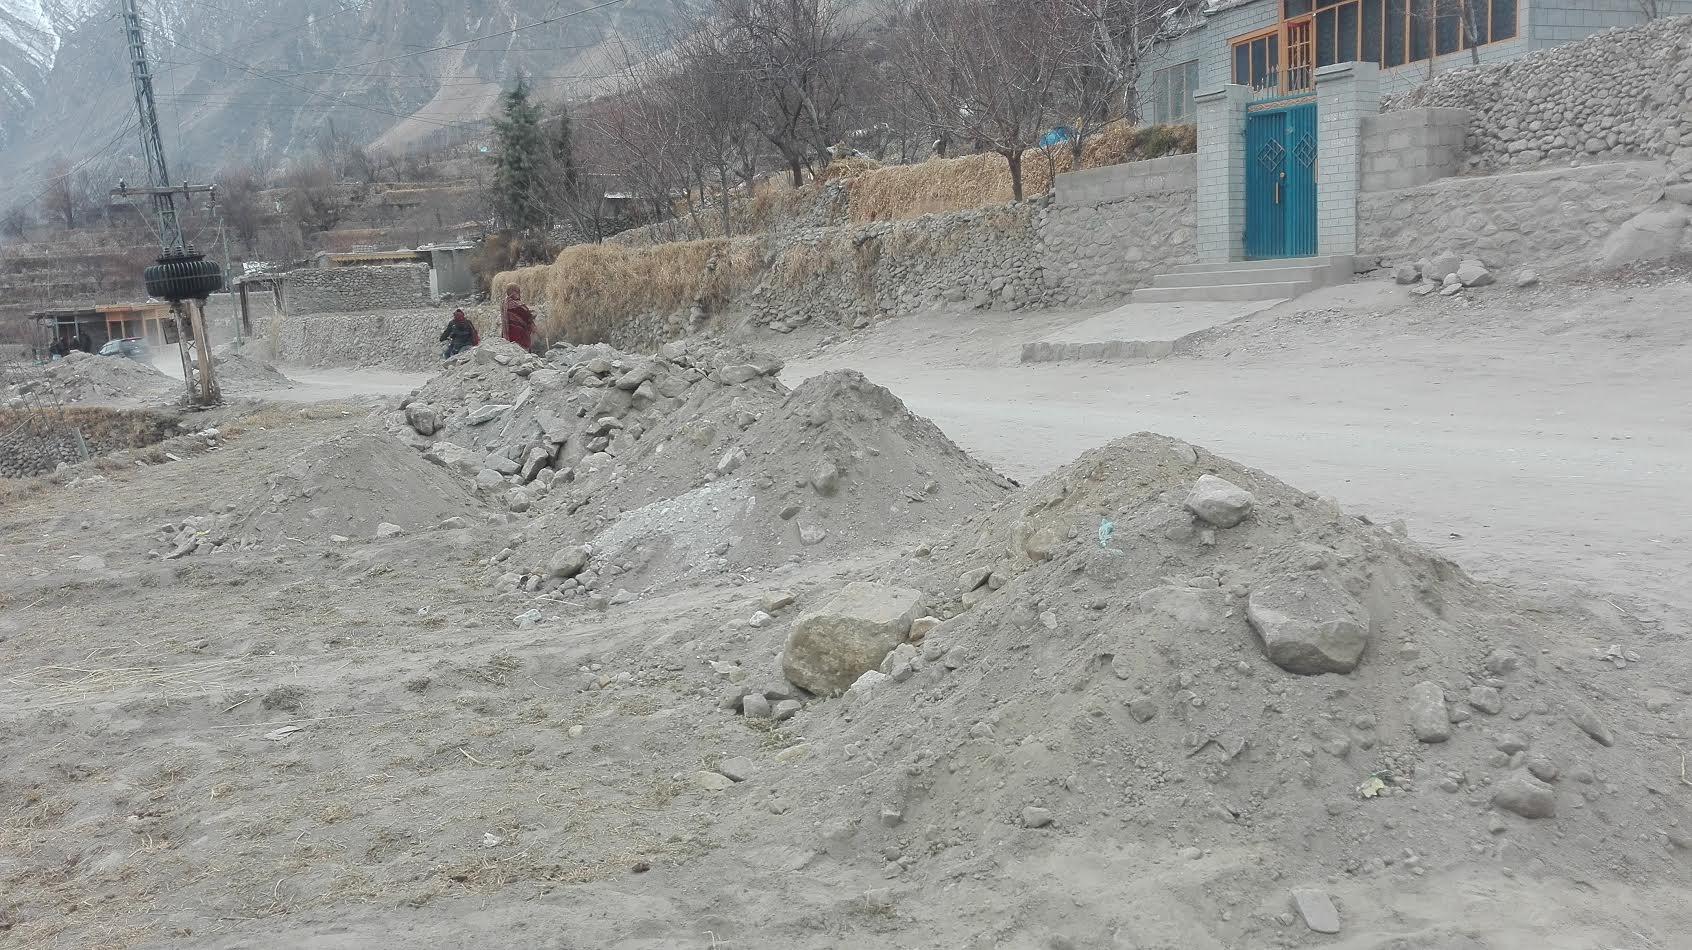 کریم آباد مین روڑ کا توسیعی کام ادھورا چھوڑ کر ٹھیکدار اور محکمہ تعمیرات کے اہل کار غائب